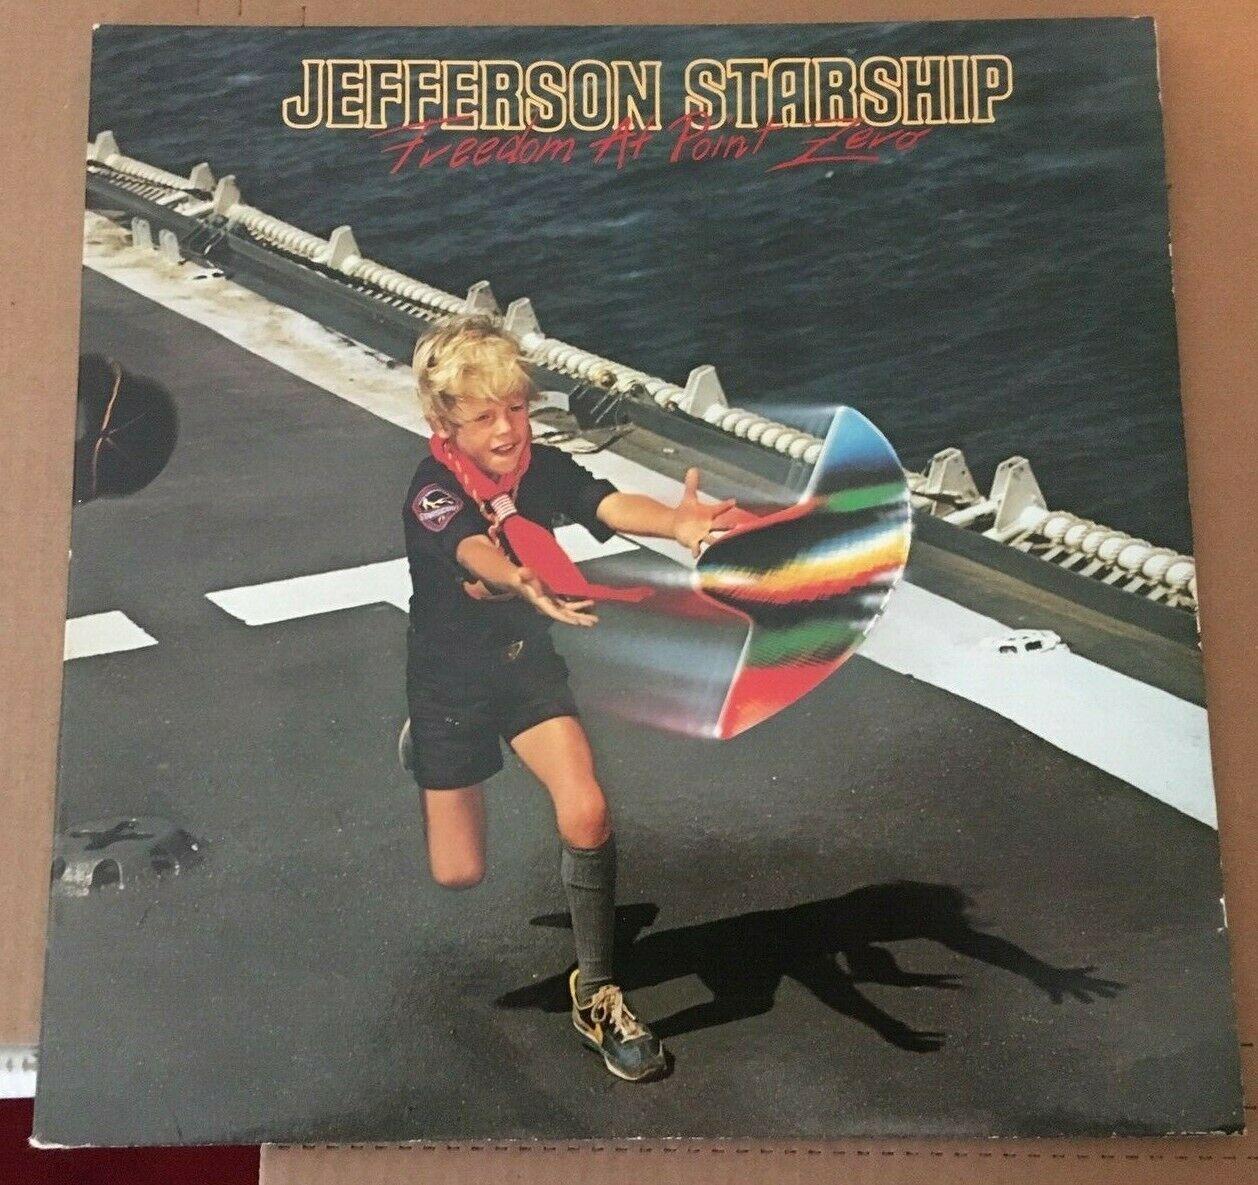 Jefferson Starship Freedom At Point Zero Vinyl Record Album BZL1-3452 1979